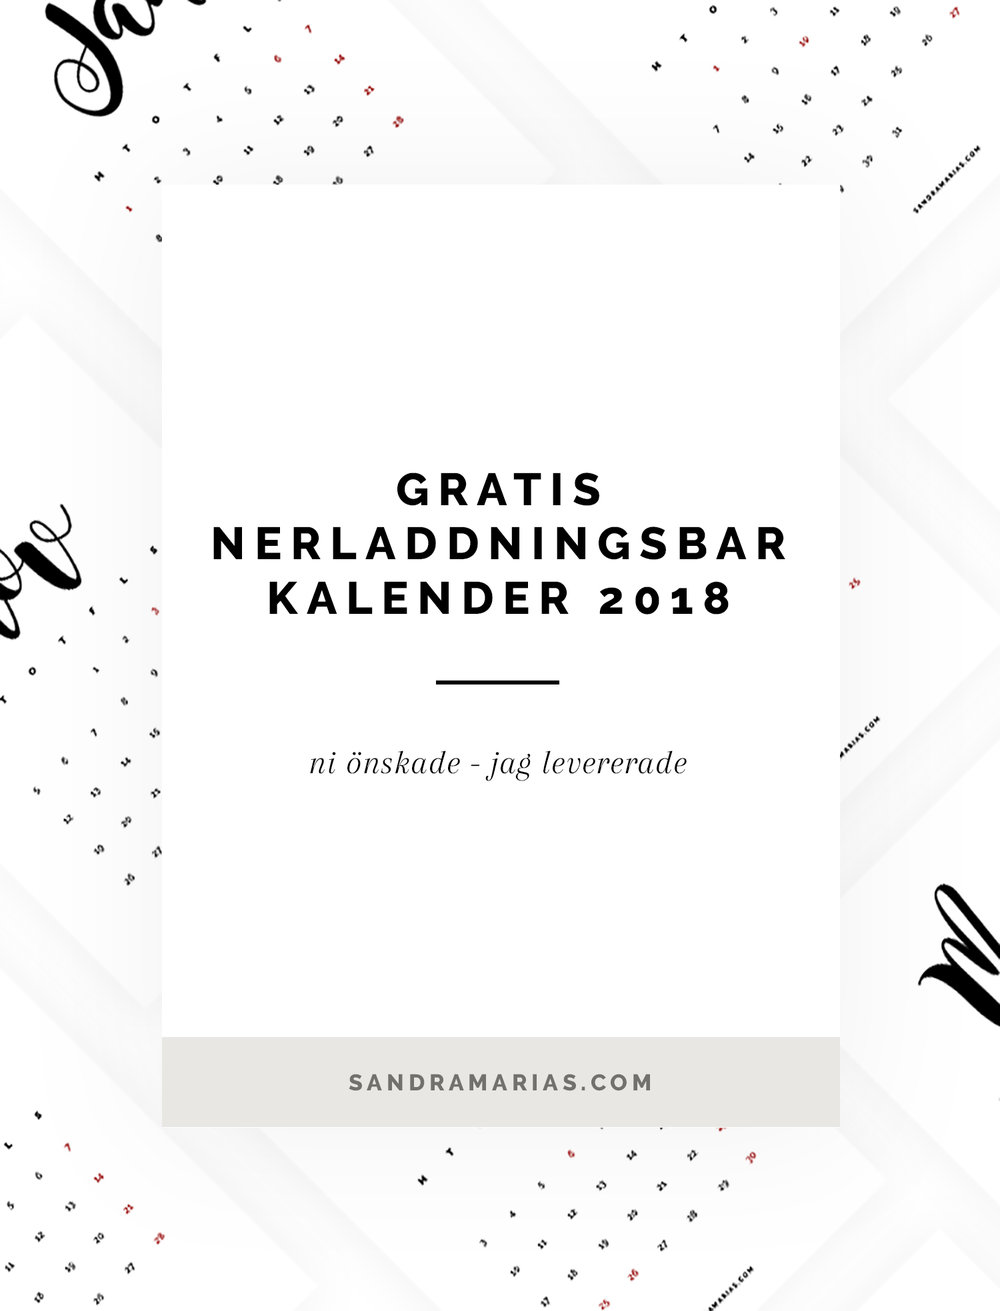 Gratis nedladdningsbar kalender 2018 | by Sandramaria | Sandramarias.com